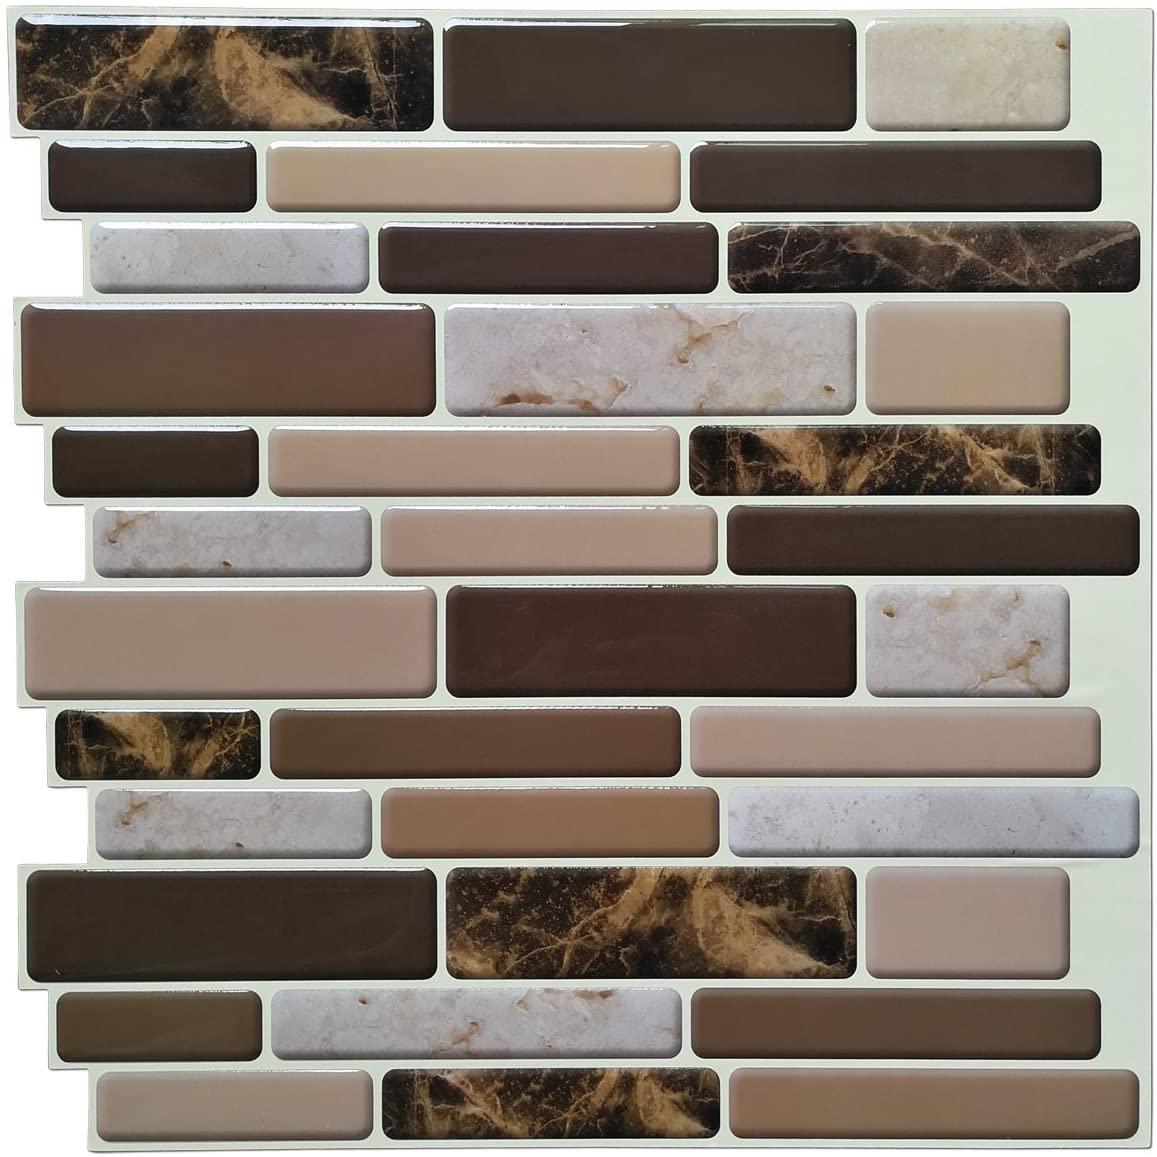 Bathroom Design Mosaic Tile paper Kitchen Tiles Pieces 3D Wallpaper for House decoration